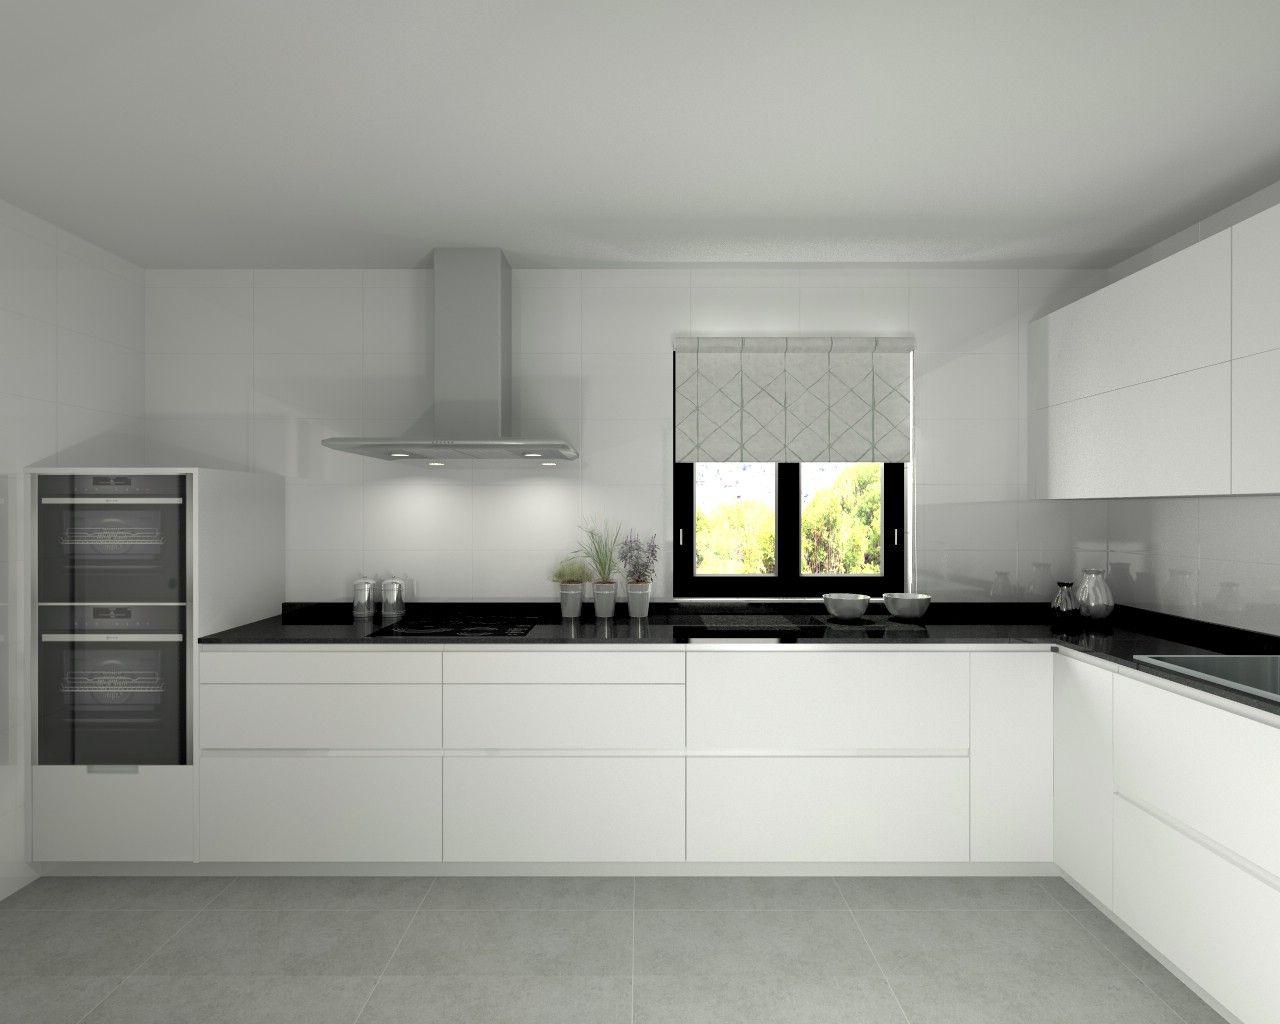 Modelo line l blanco seda encimera granito negro for Cocina blanca encimera granito negra